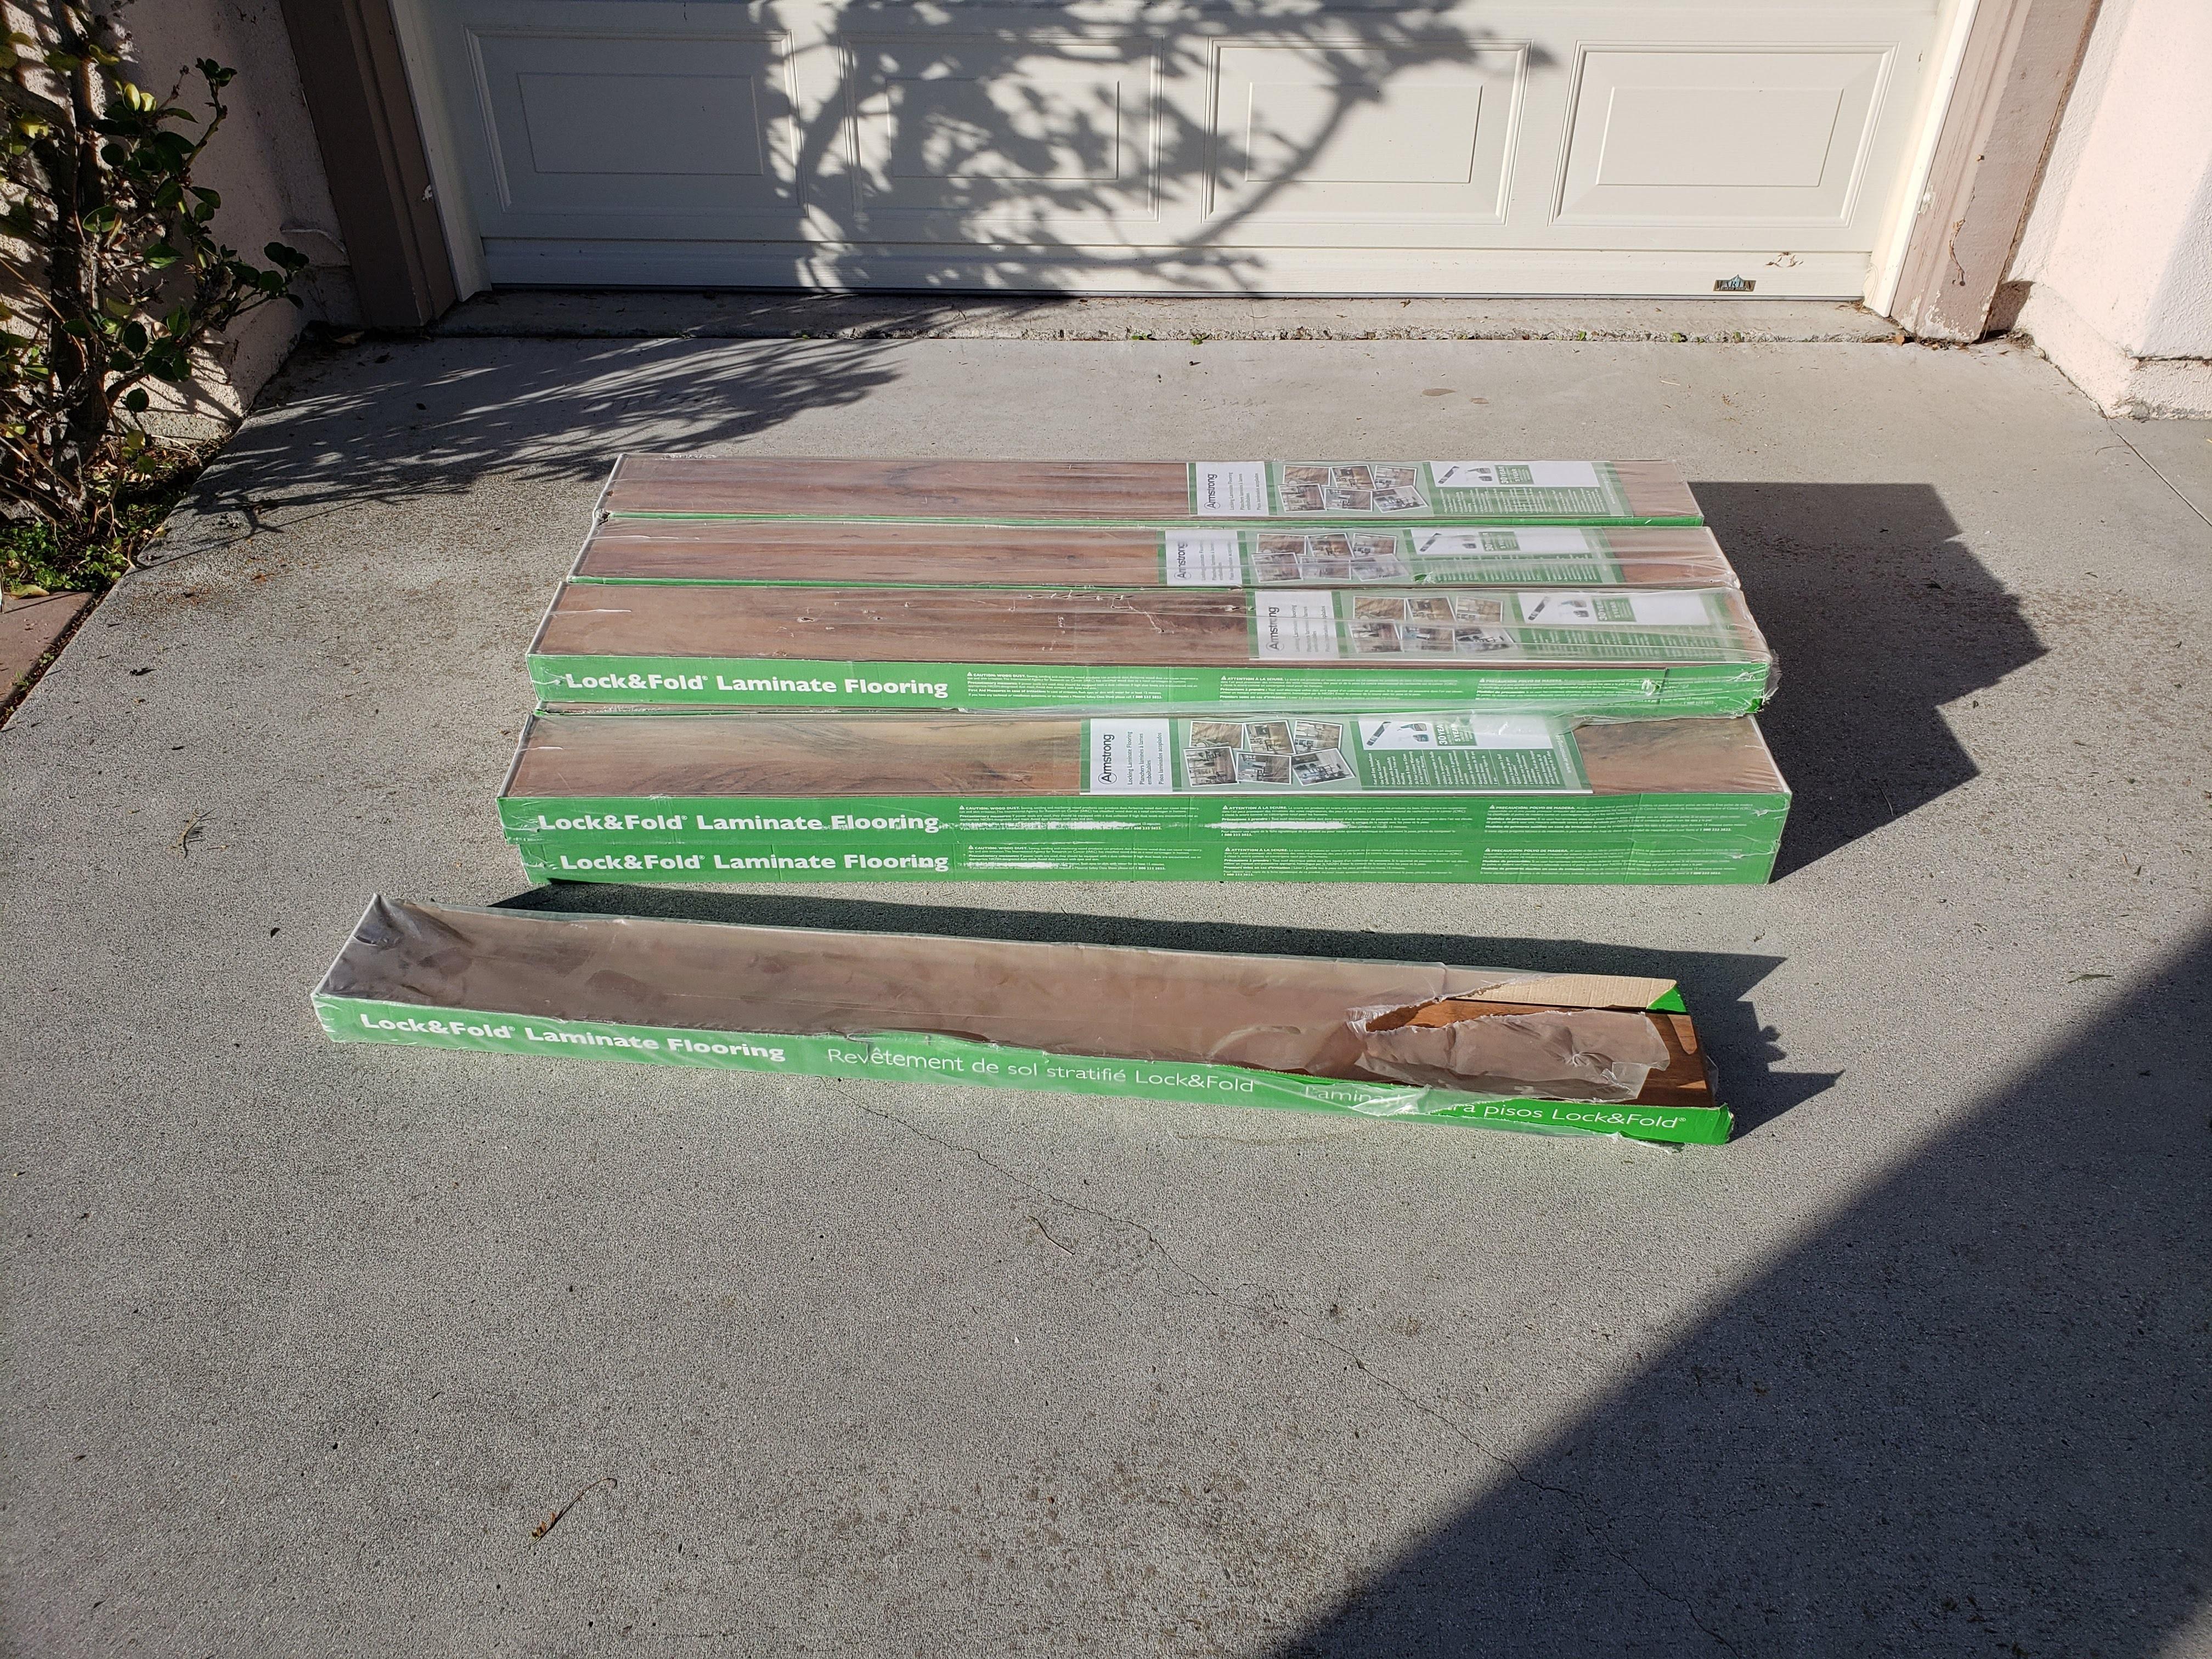 Laminate Flooring How Many Boxes Of, How Many Boxes Of Laminate Flooring Do I Need